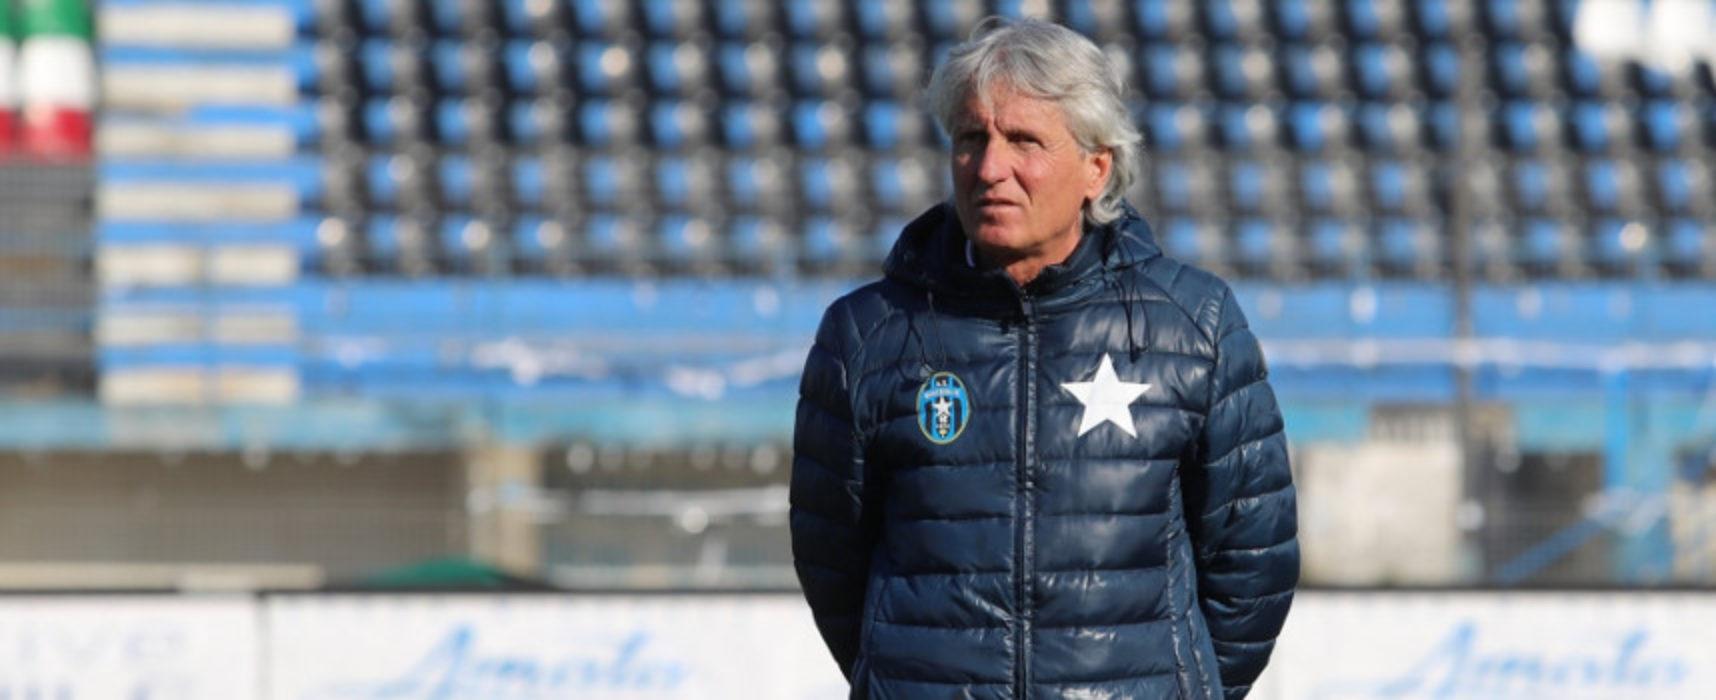 """Bisceglie Calcio, Papagni: """"Crediamo di avere possibilità di fare risultato positivo con tutti"""""""